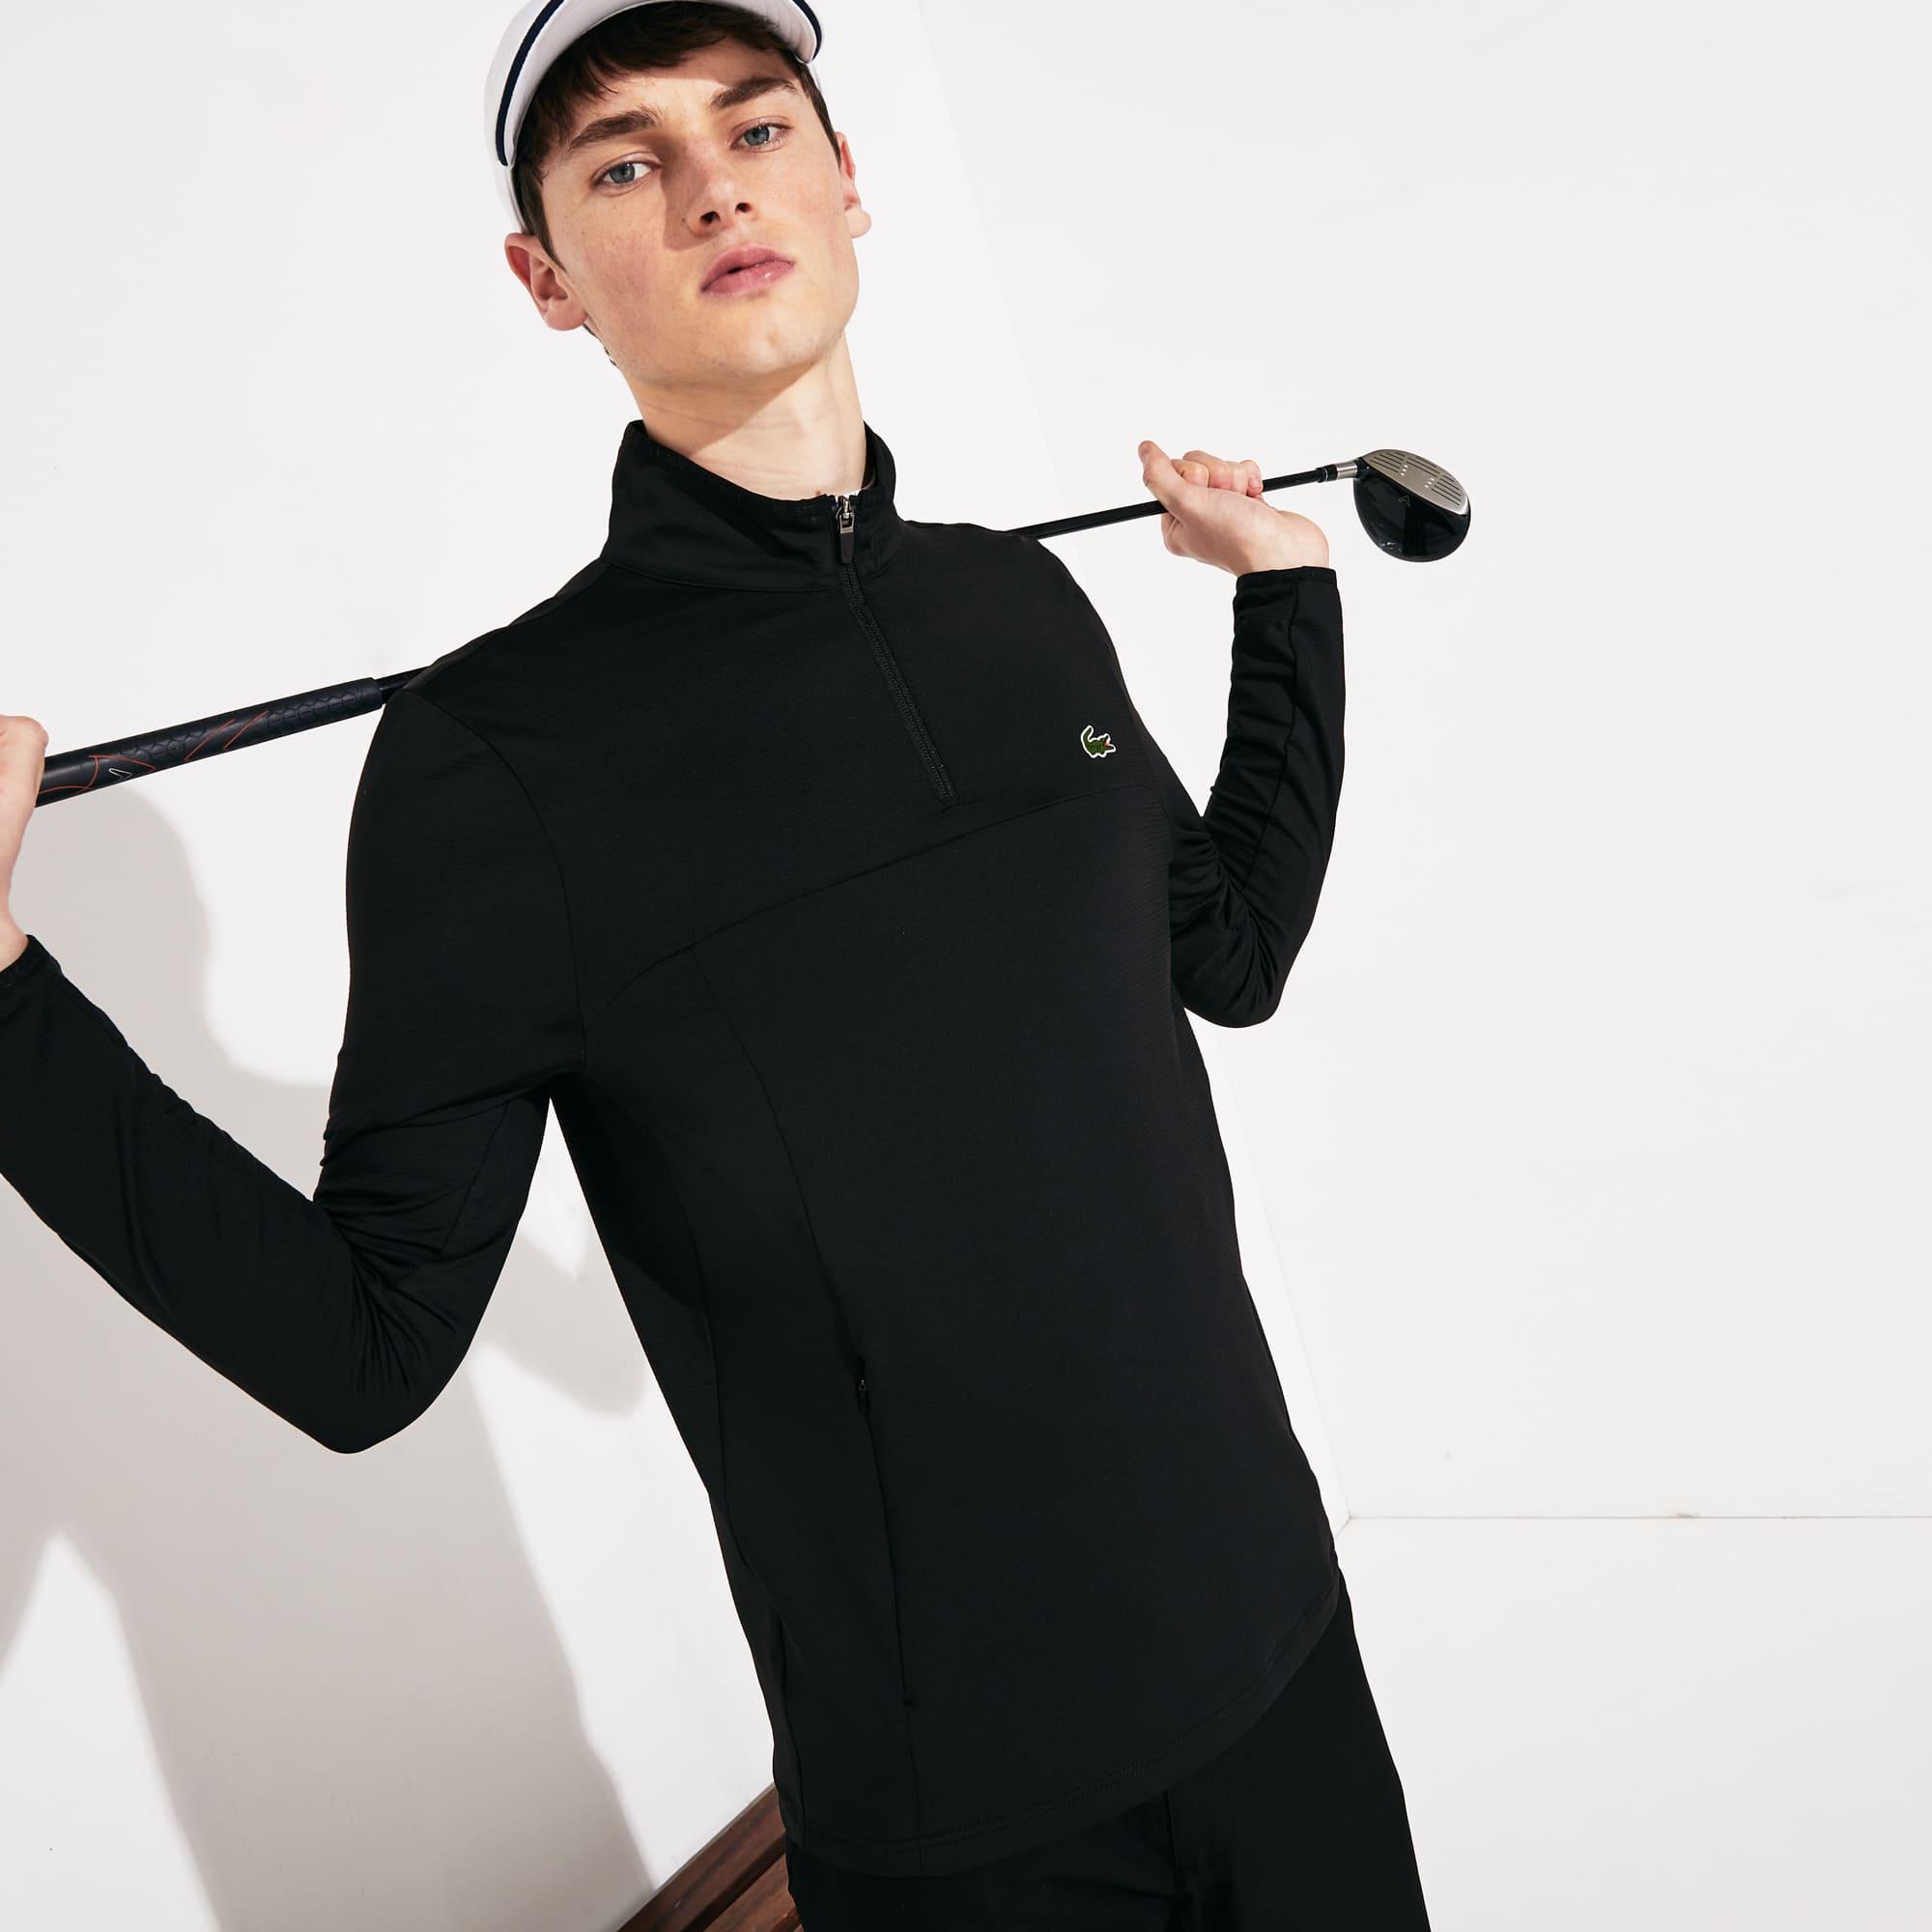 라코스테 스포츠 하프 집업 맨투맨 Lacoste Mens SPORT Stretch Zippered Collar Sweatshirt,Black - 031